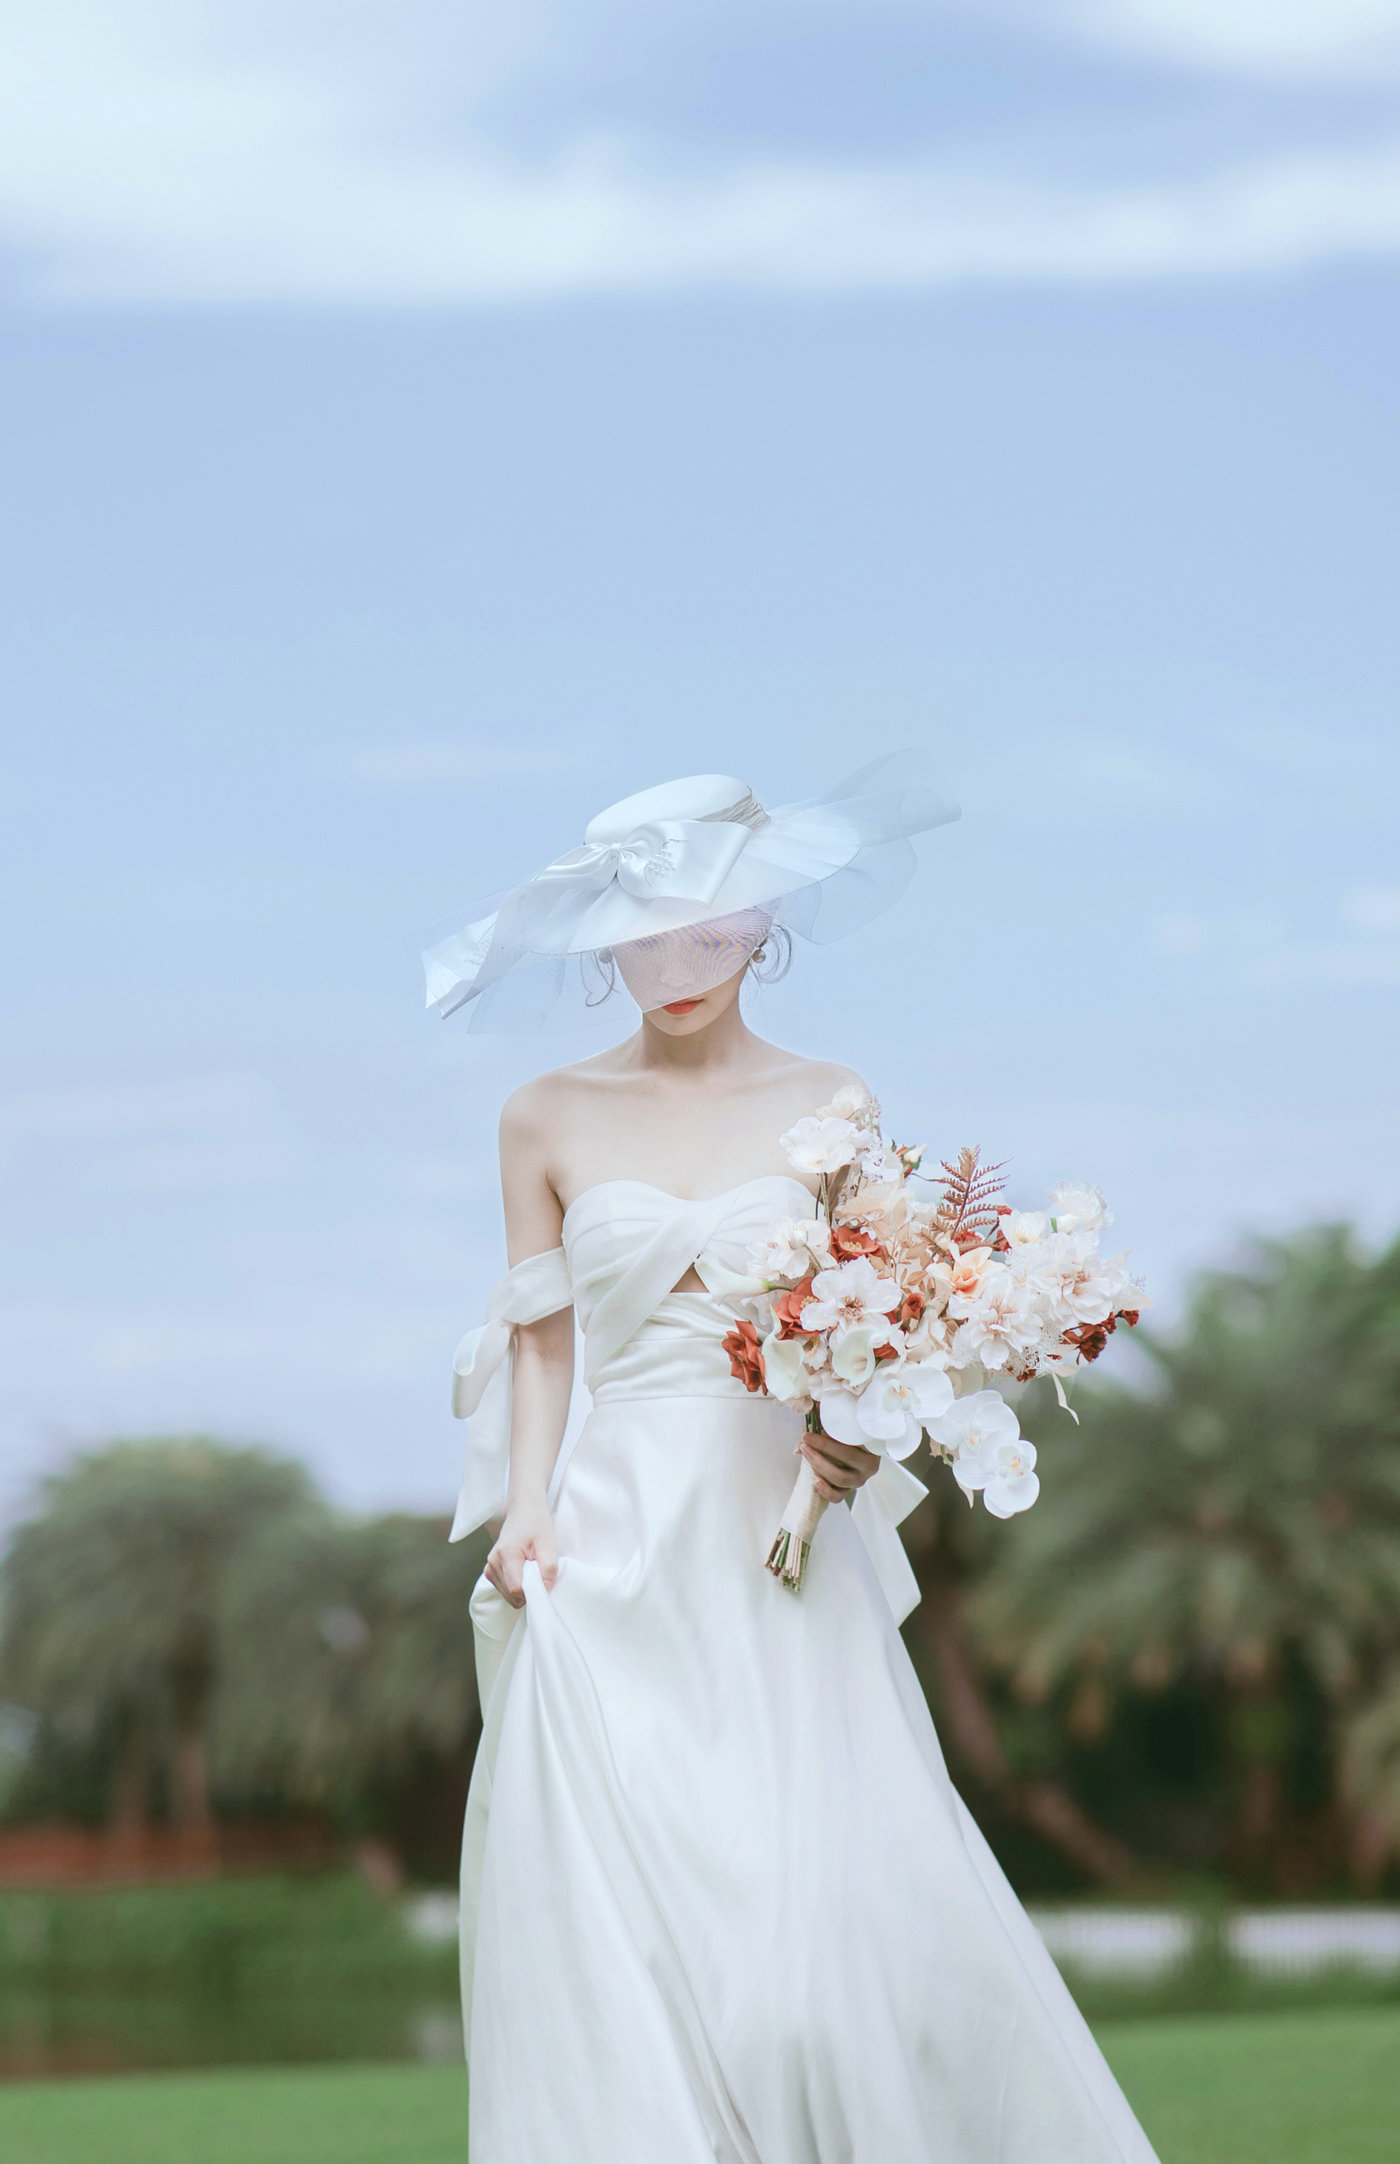 迪茵湖法式草坪婚纱照10